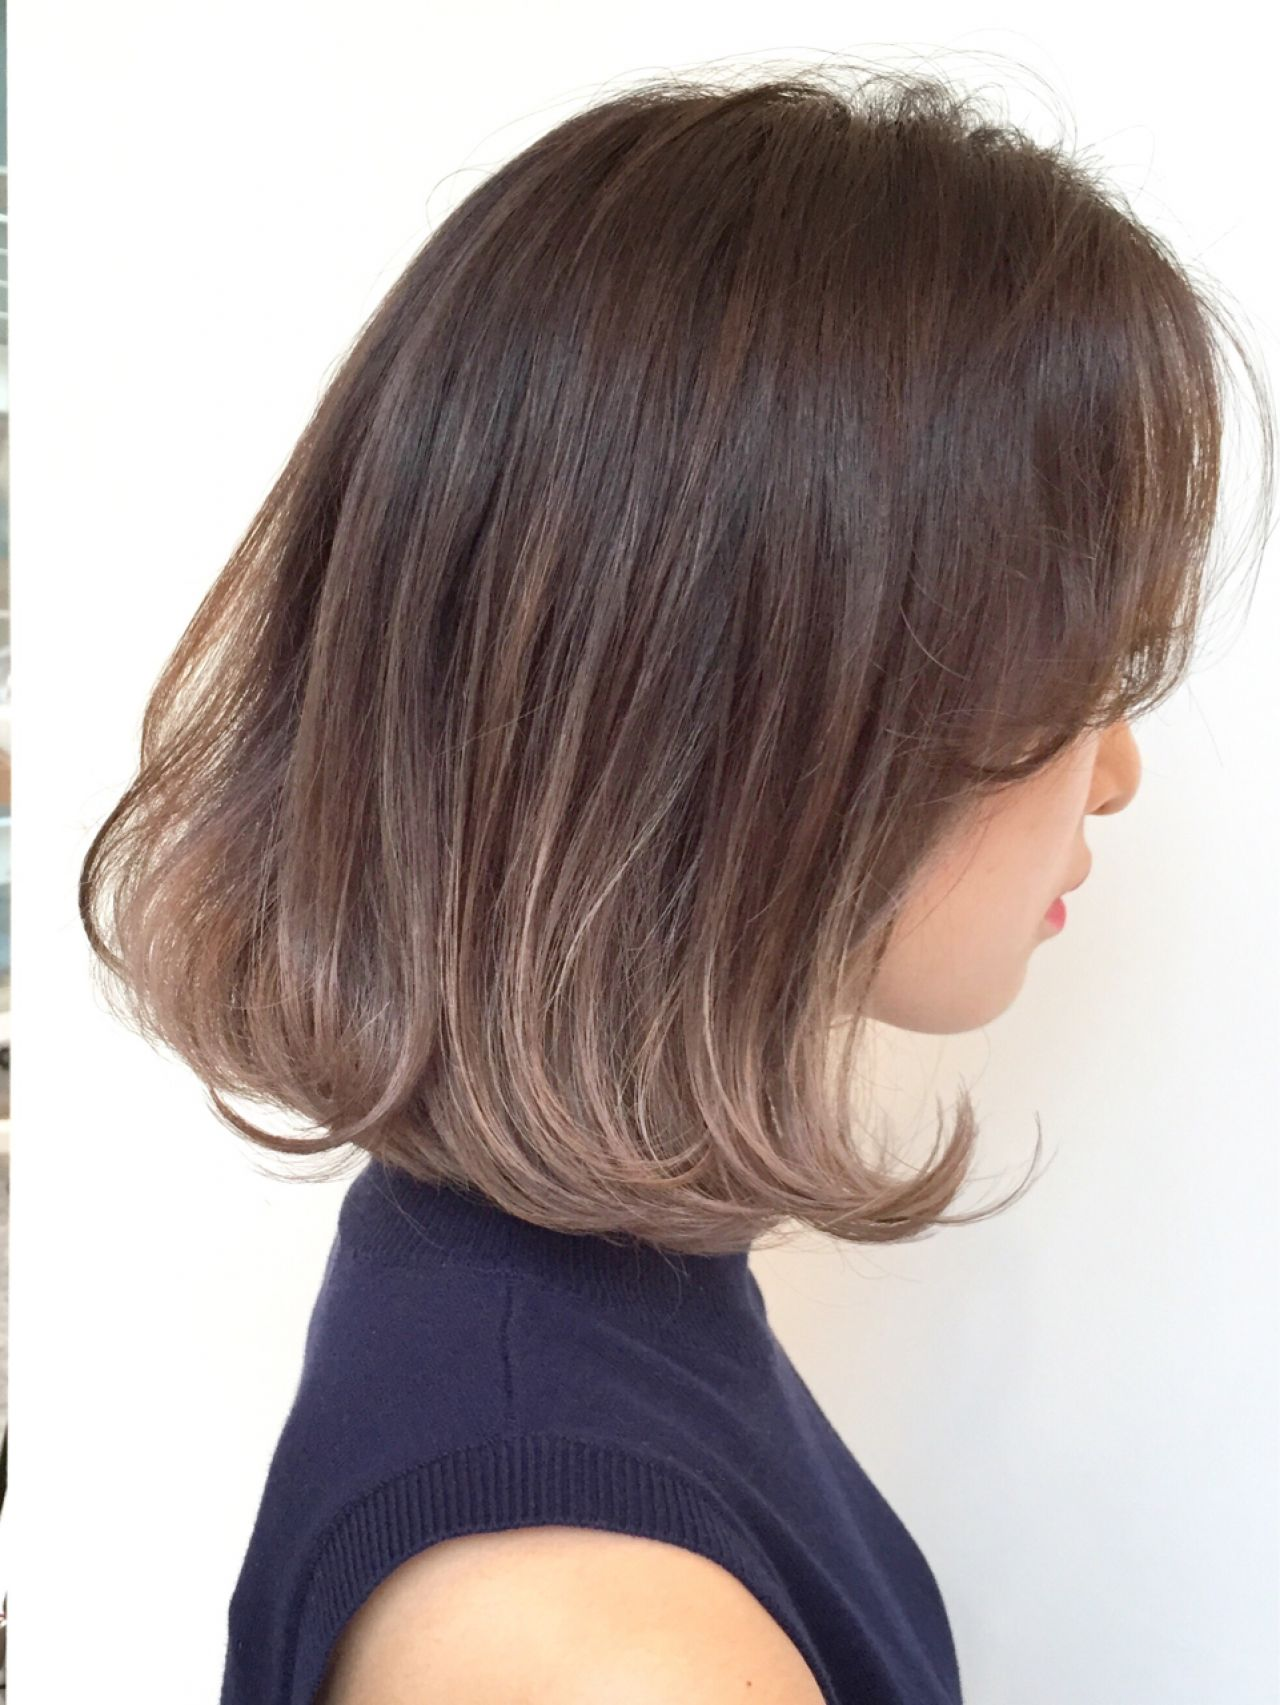 外国人風 外国人風カラー グラデーションカラー ハイライト ヘアスタイルや髪型の写真・画像